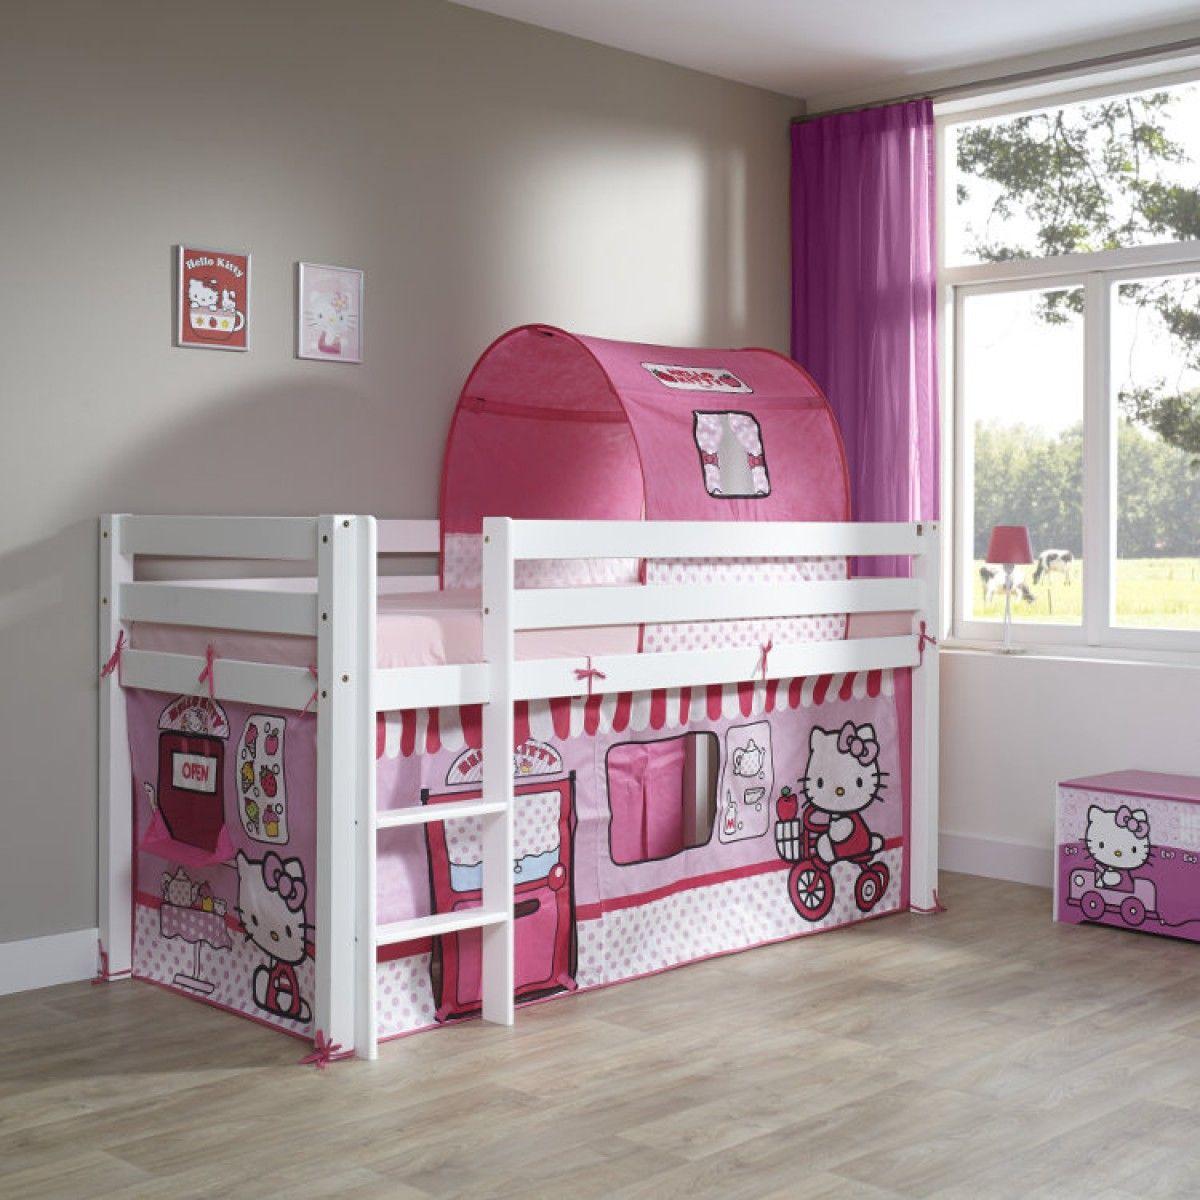 Hello Kitty émerveillera La Chambre De Votre Petite Fille Par Son Style Et  Par Sa Qualité